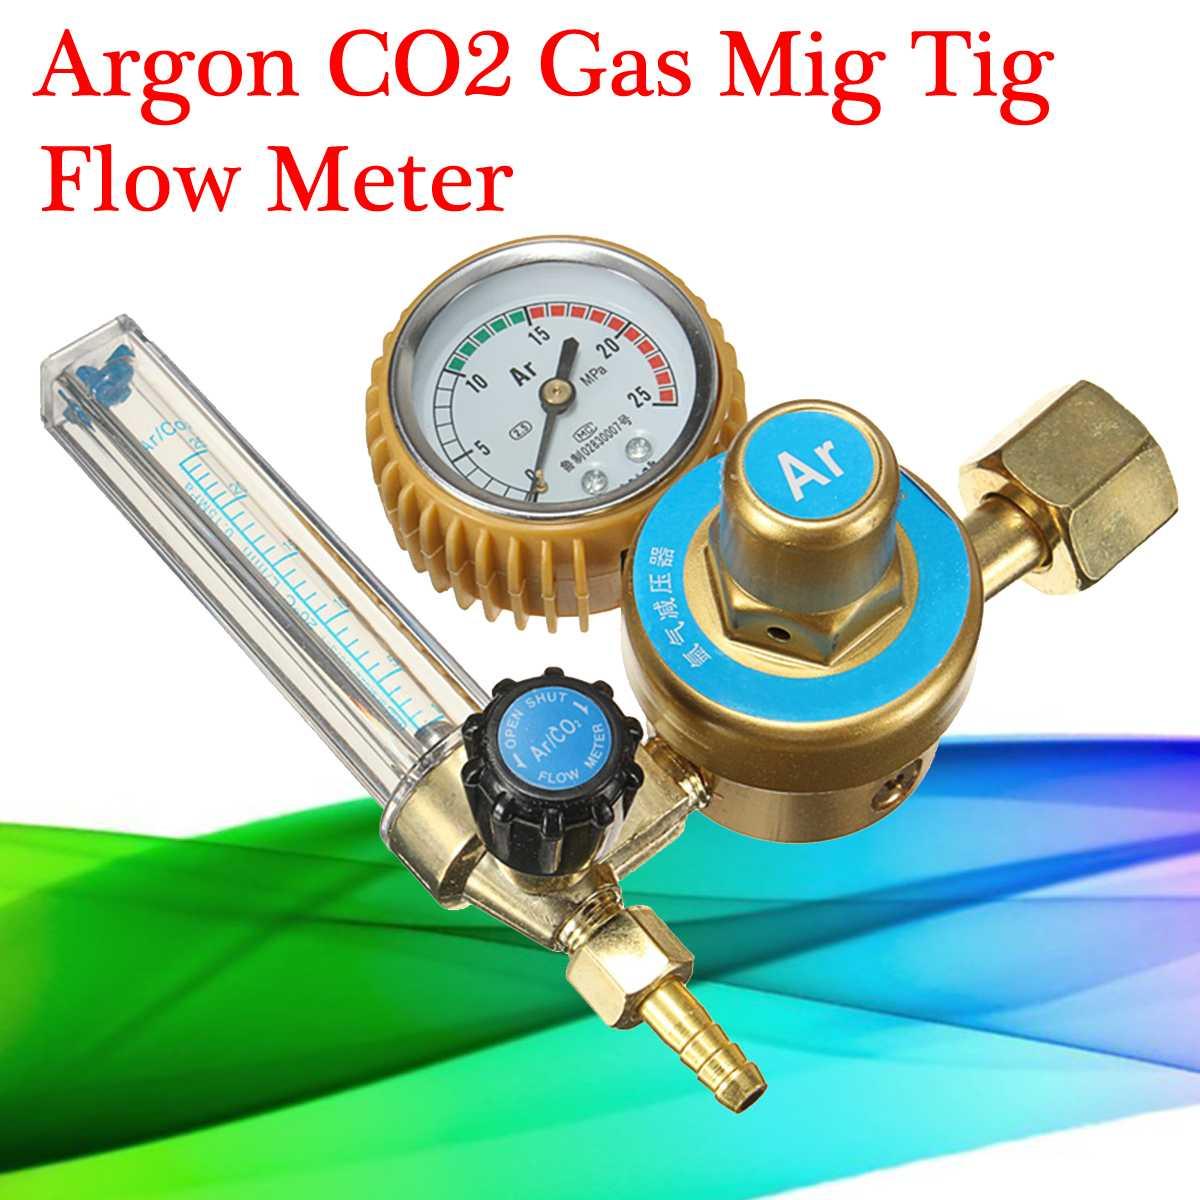 Metal & Rubber Argon CO2 Gas Mig Tig Flow Meter Regulator Welding Weld Gauge Safety Valve Durable Quality